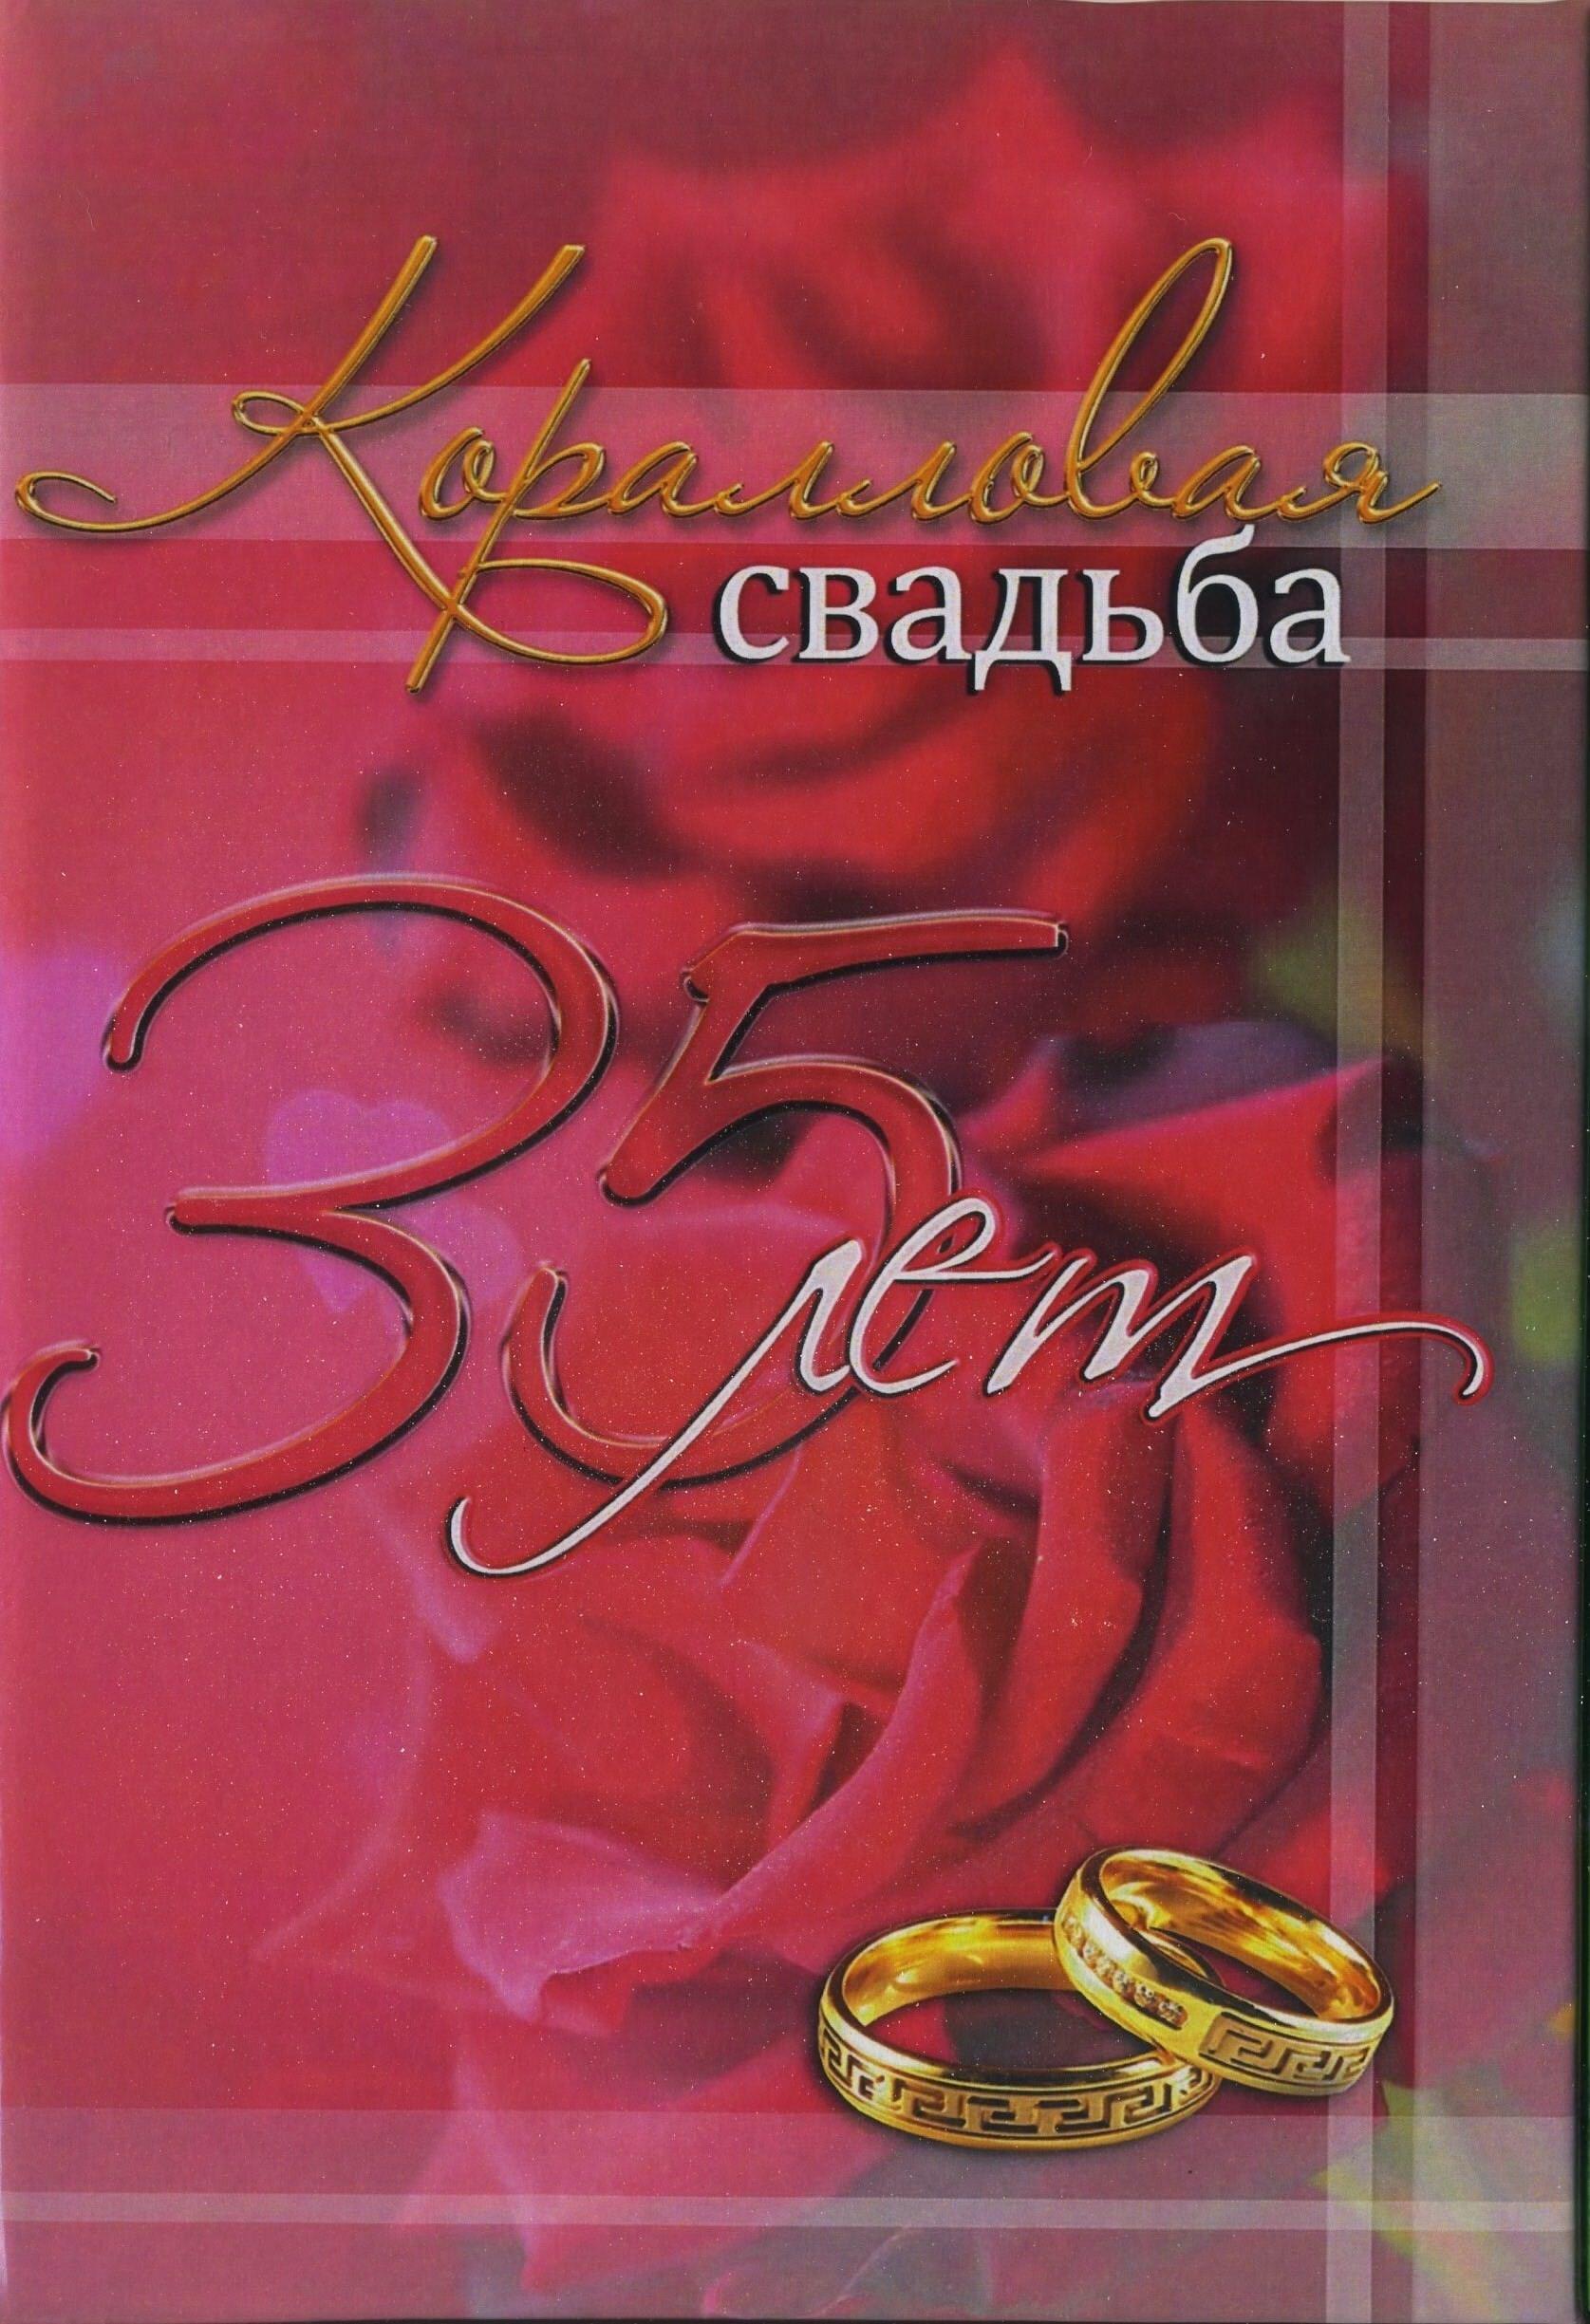 Печать грамот и дипломов для коралловой свадьбы в Москве   фото 3